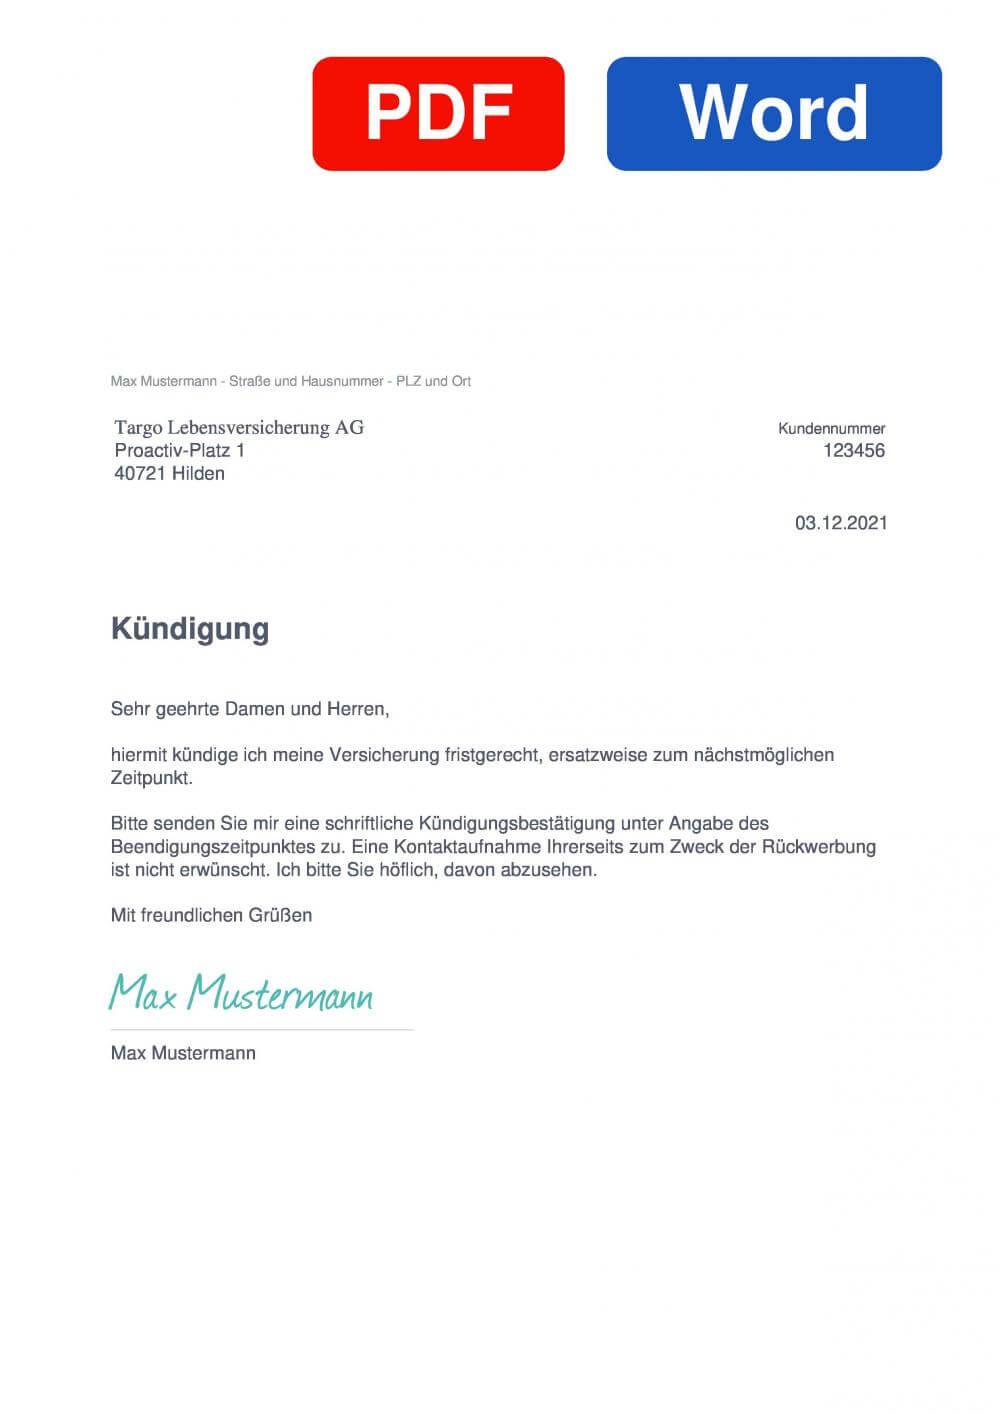 TARGO Rentenversicherung Muster Vorlage für Kündigungsschreiben